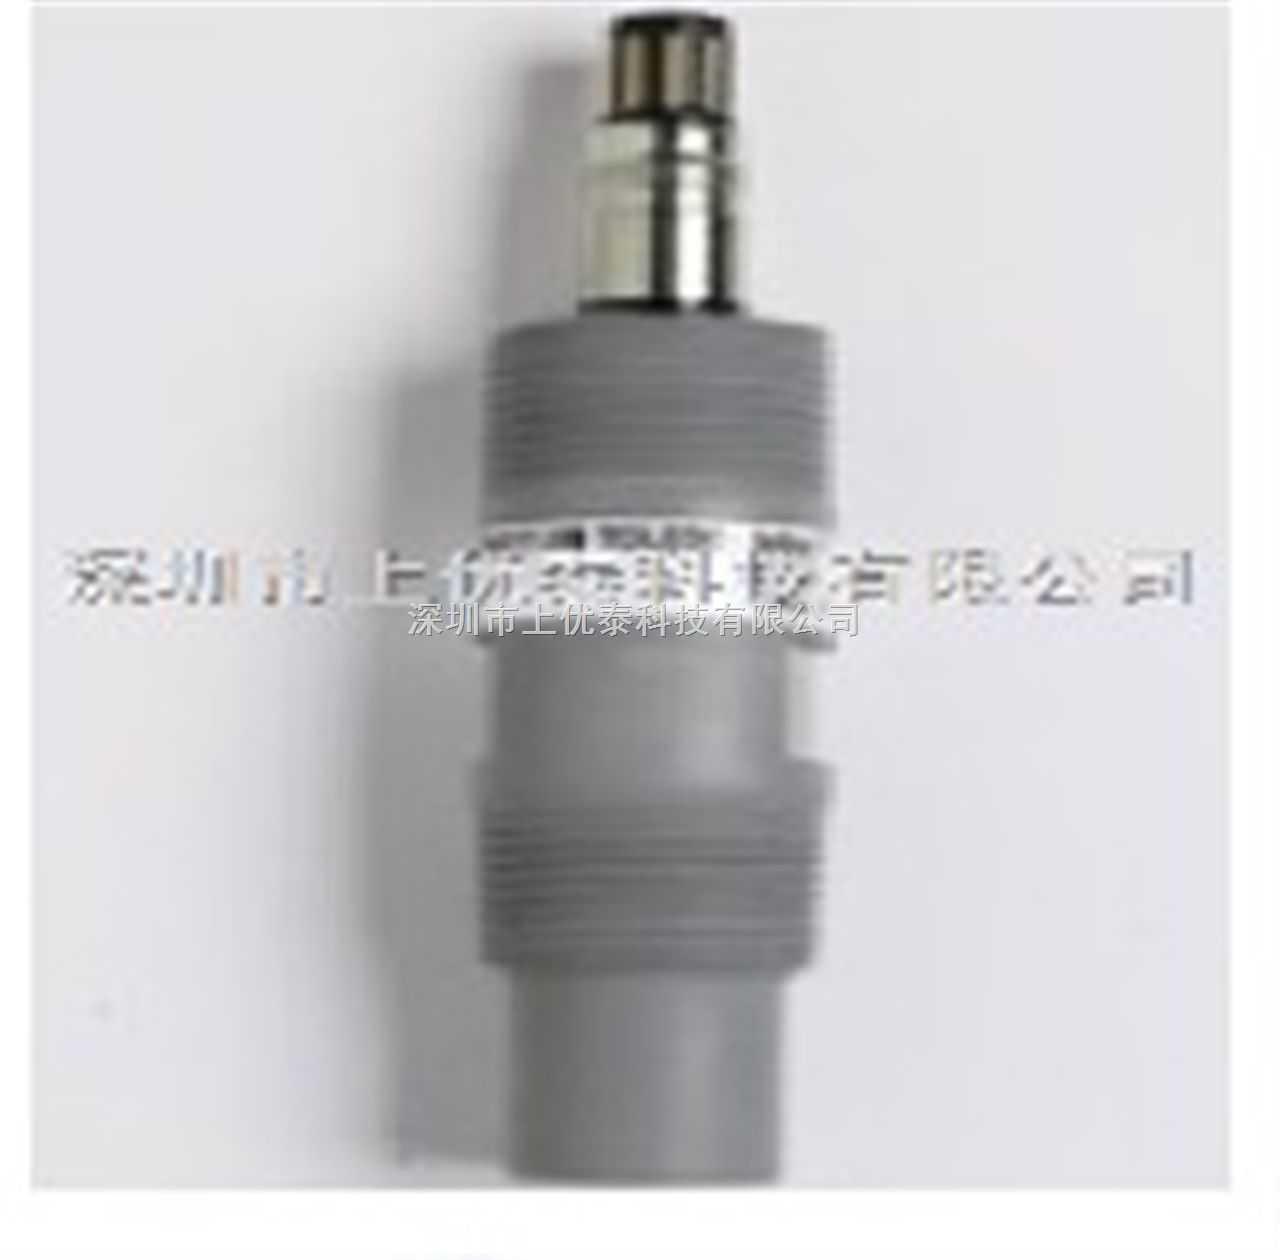 電導率電極,進口電導率電極,國產電導率電極